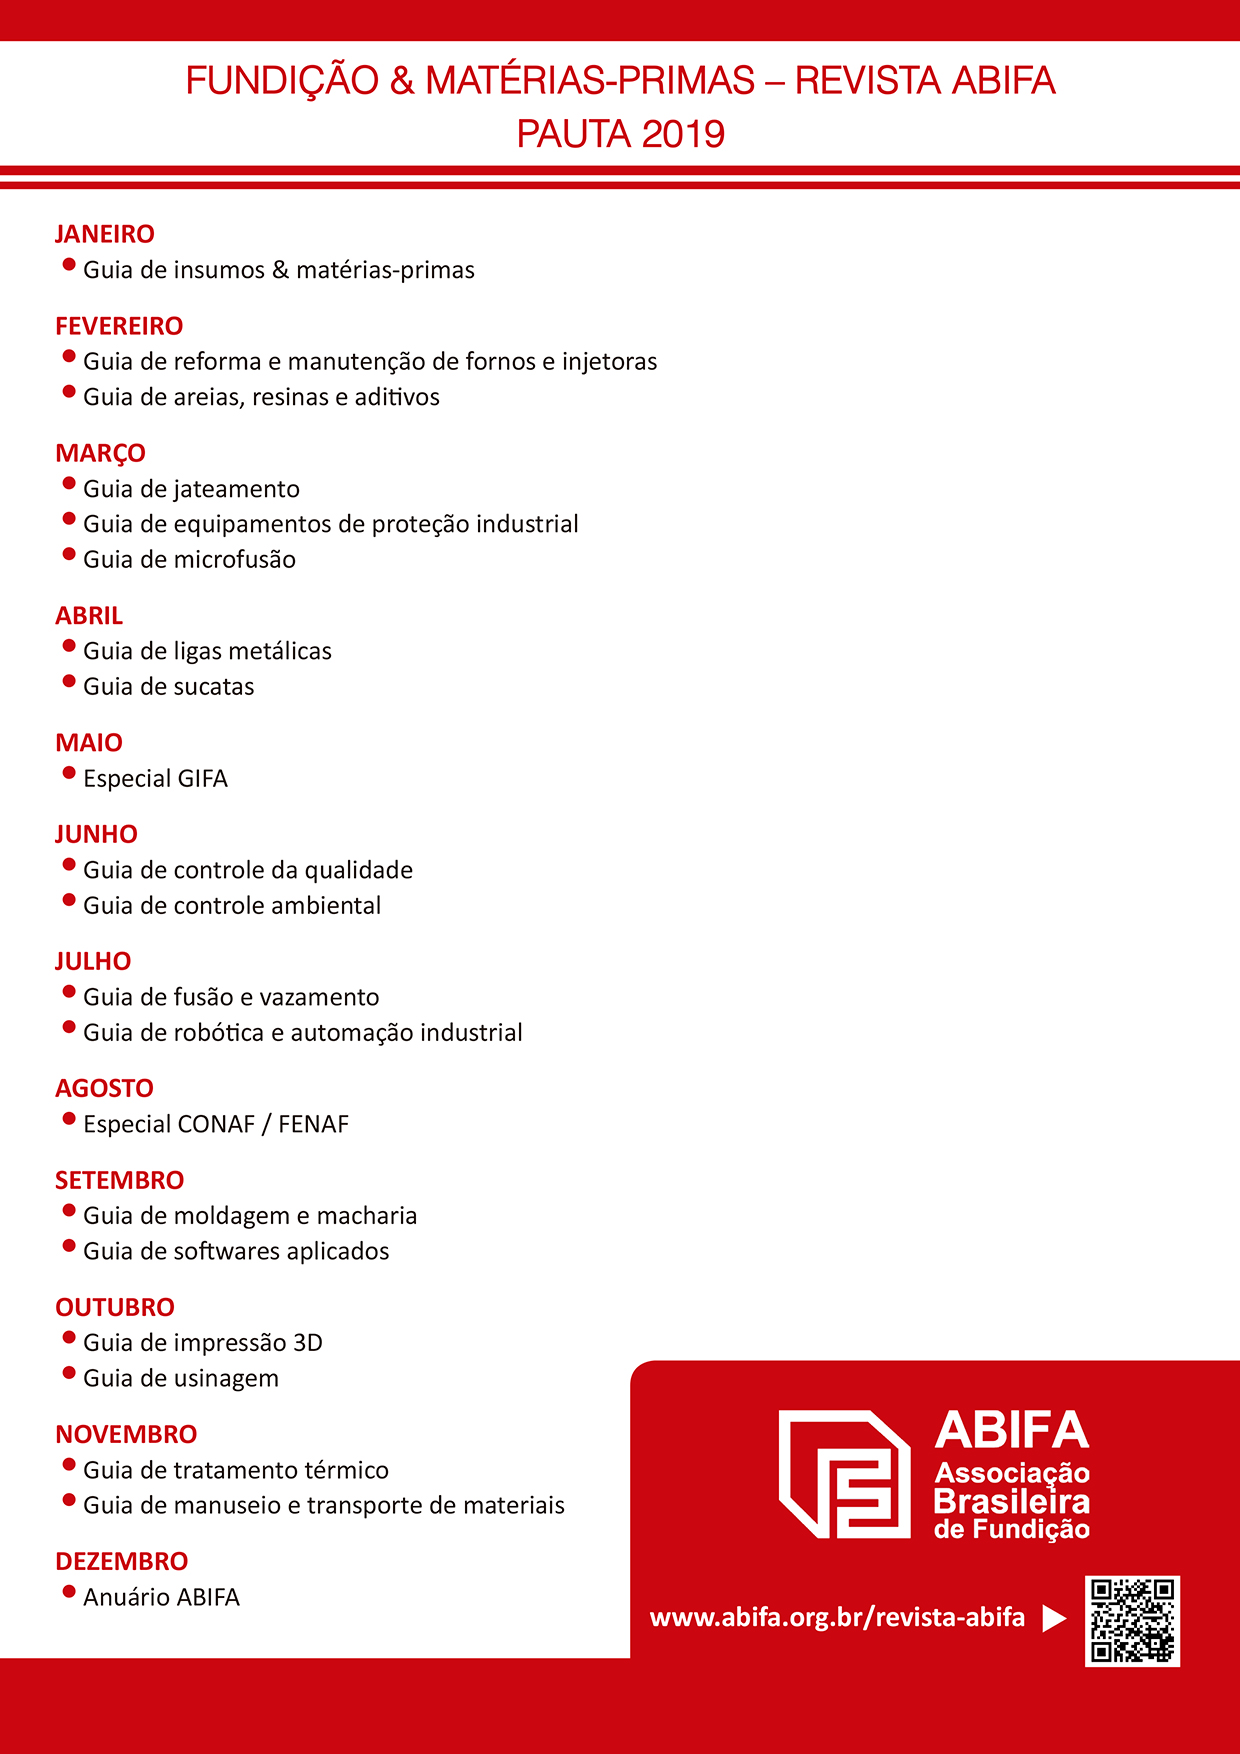 Pauta Revista ABIFA 2019